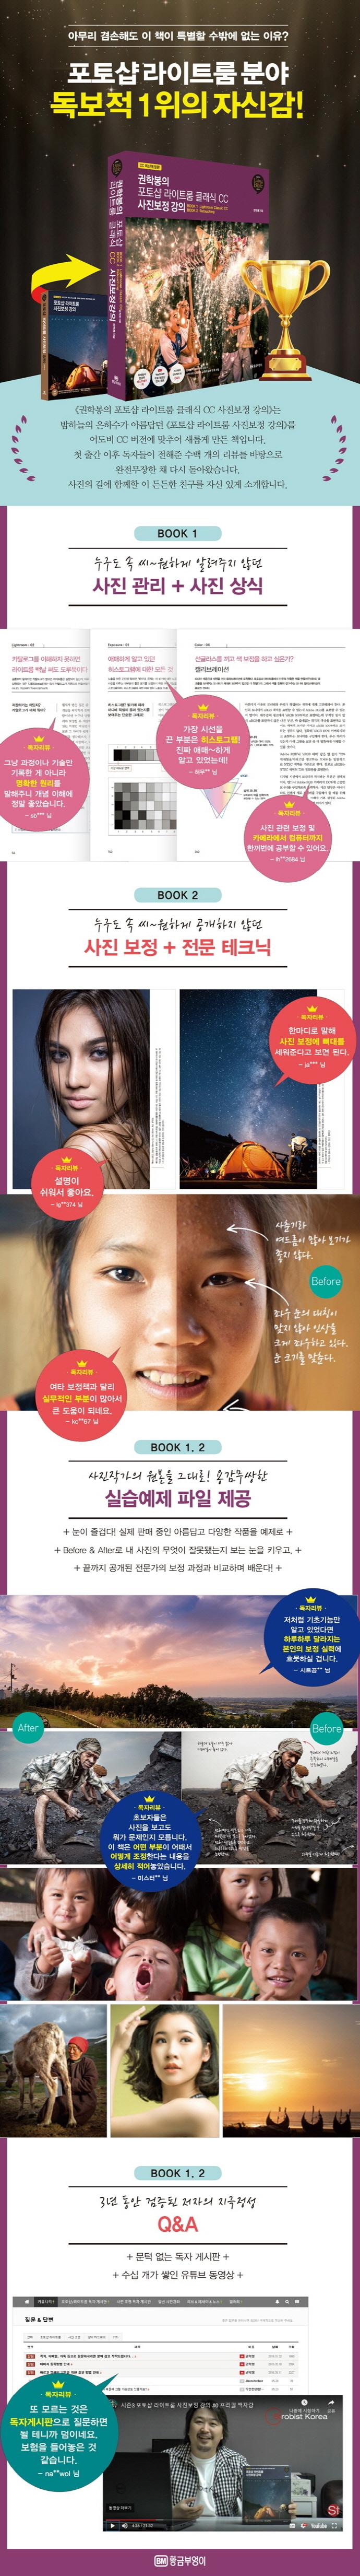 권학봉의 포토샵 라이트룸 클래식 CC 사진보정 강의(개정판) 도서 상세이미지